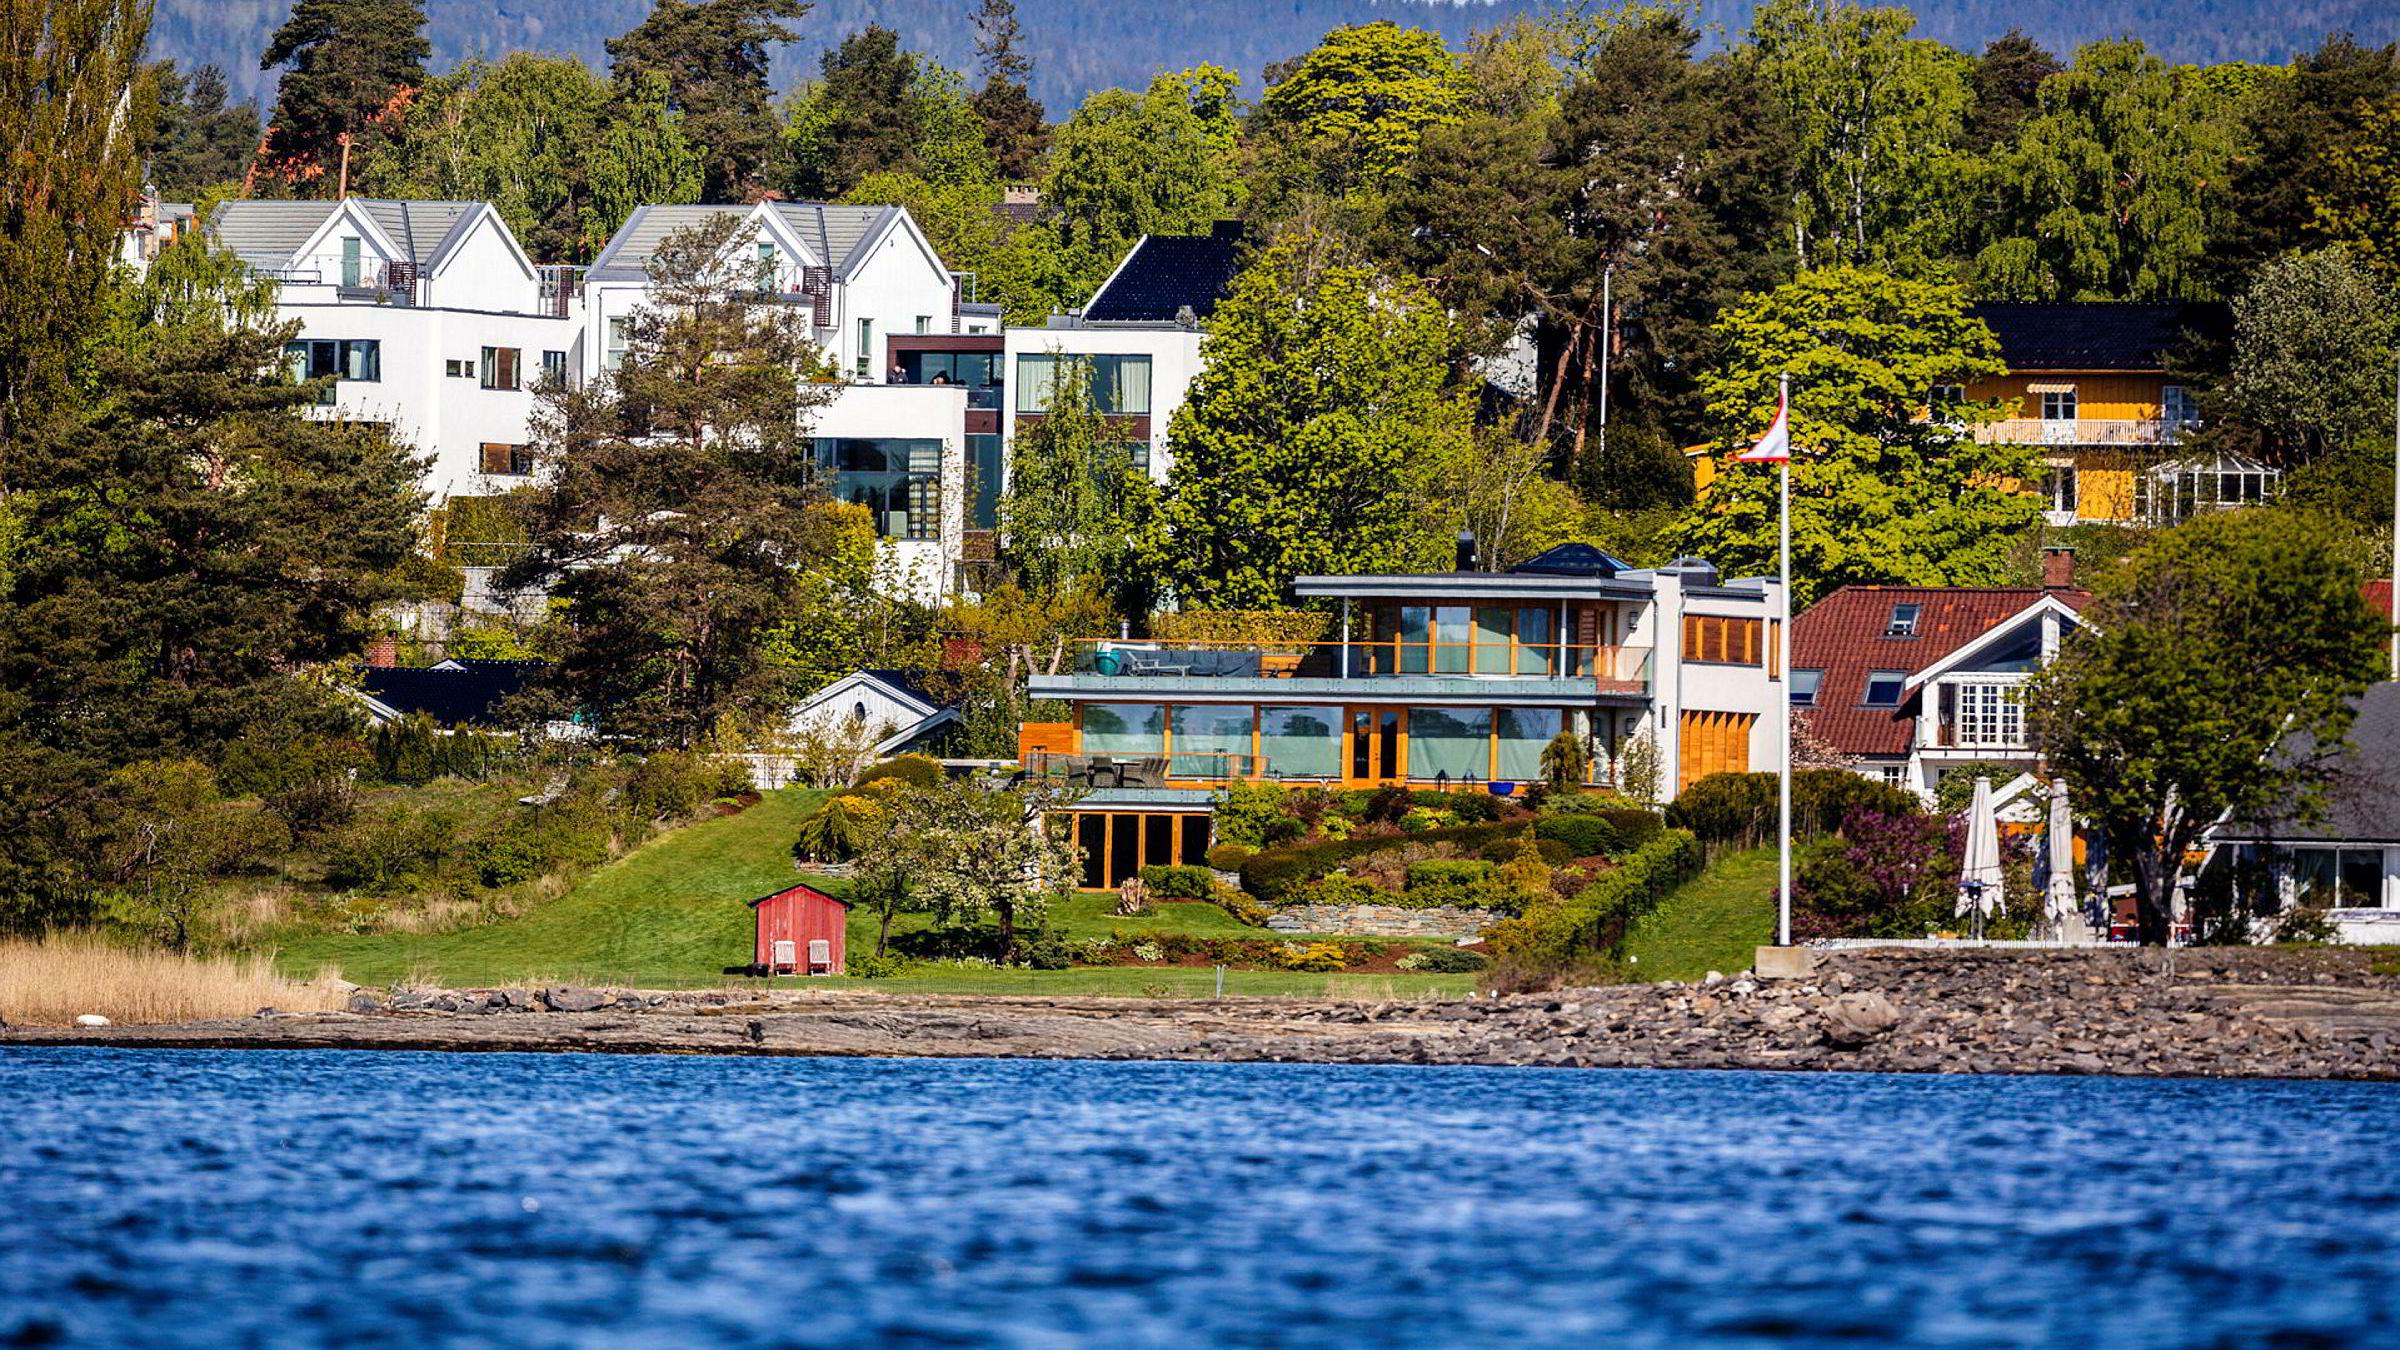 Bygdøy-eiendommene til Egil Stenshagen sett fra sjøsiden.